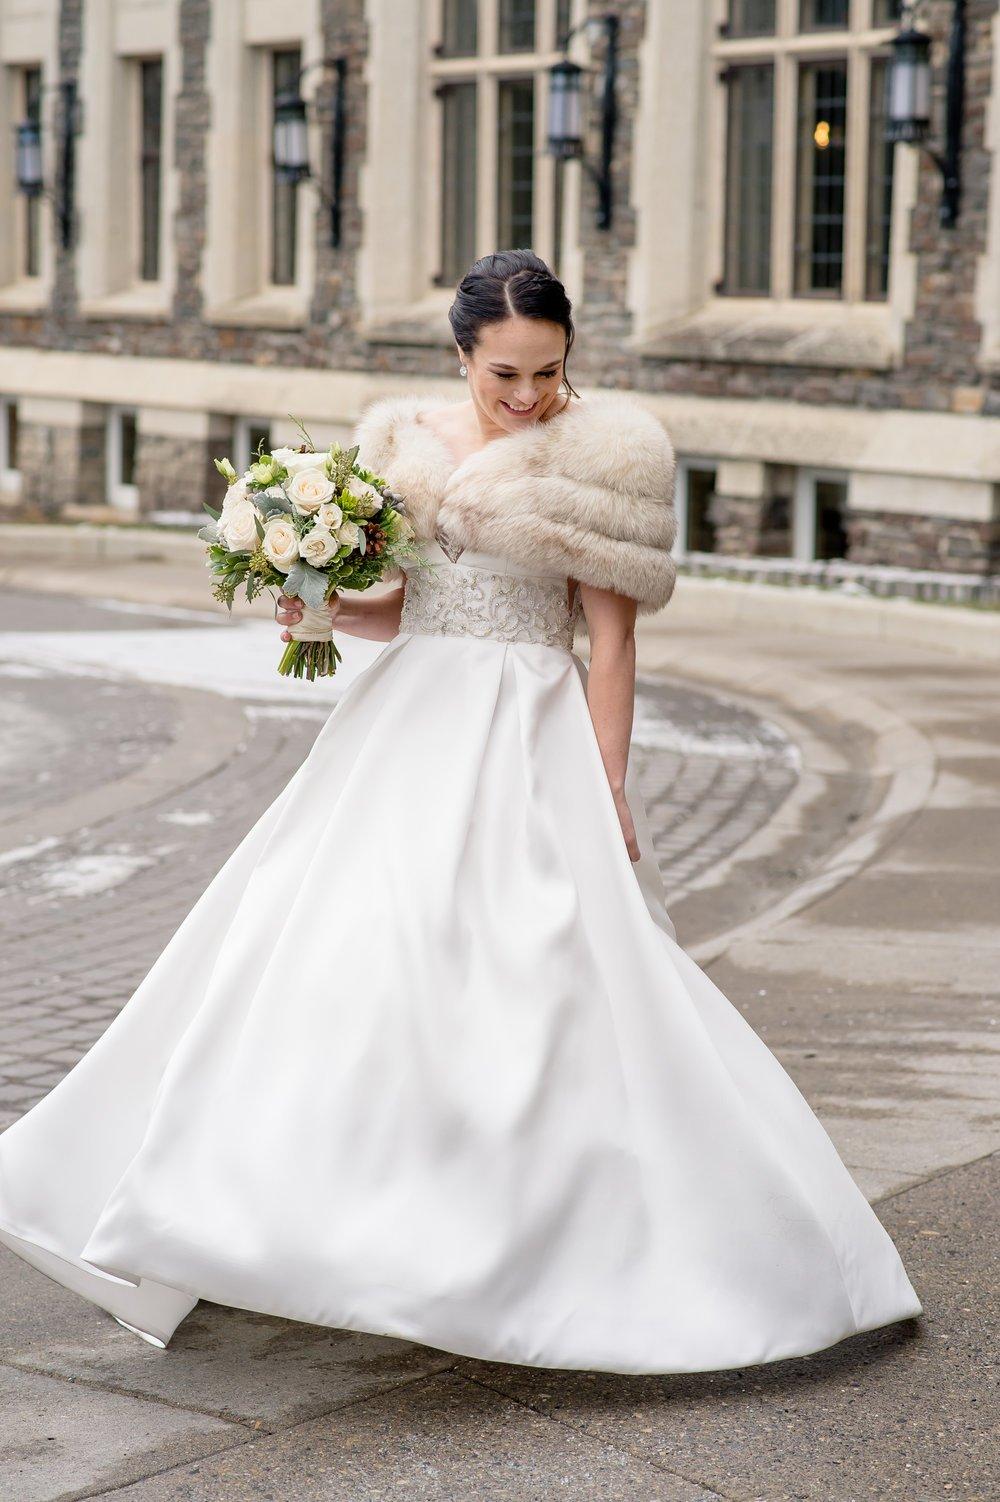 prachtvolles Hochzeitskleid Winter romantisch